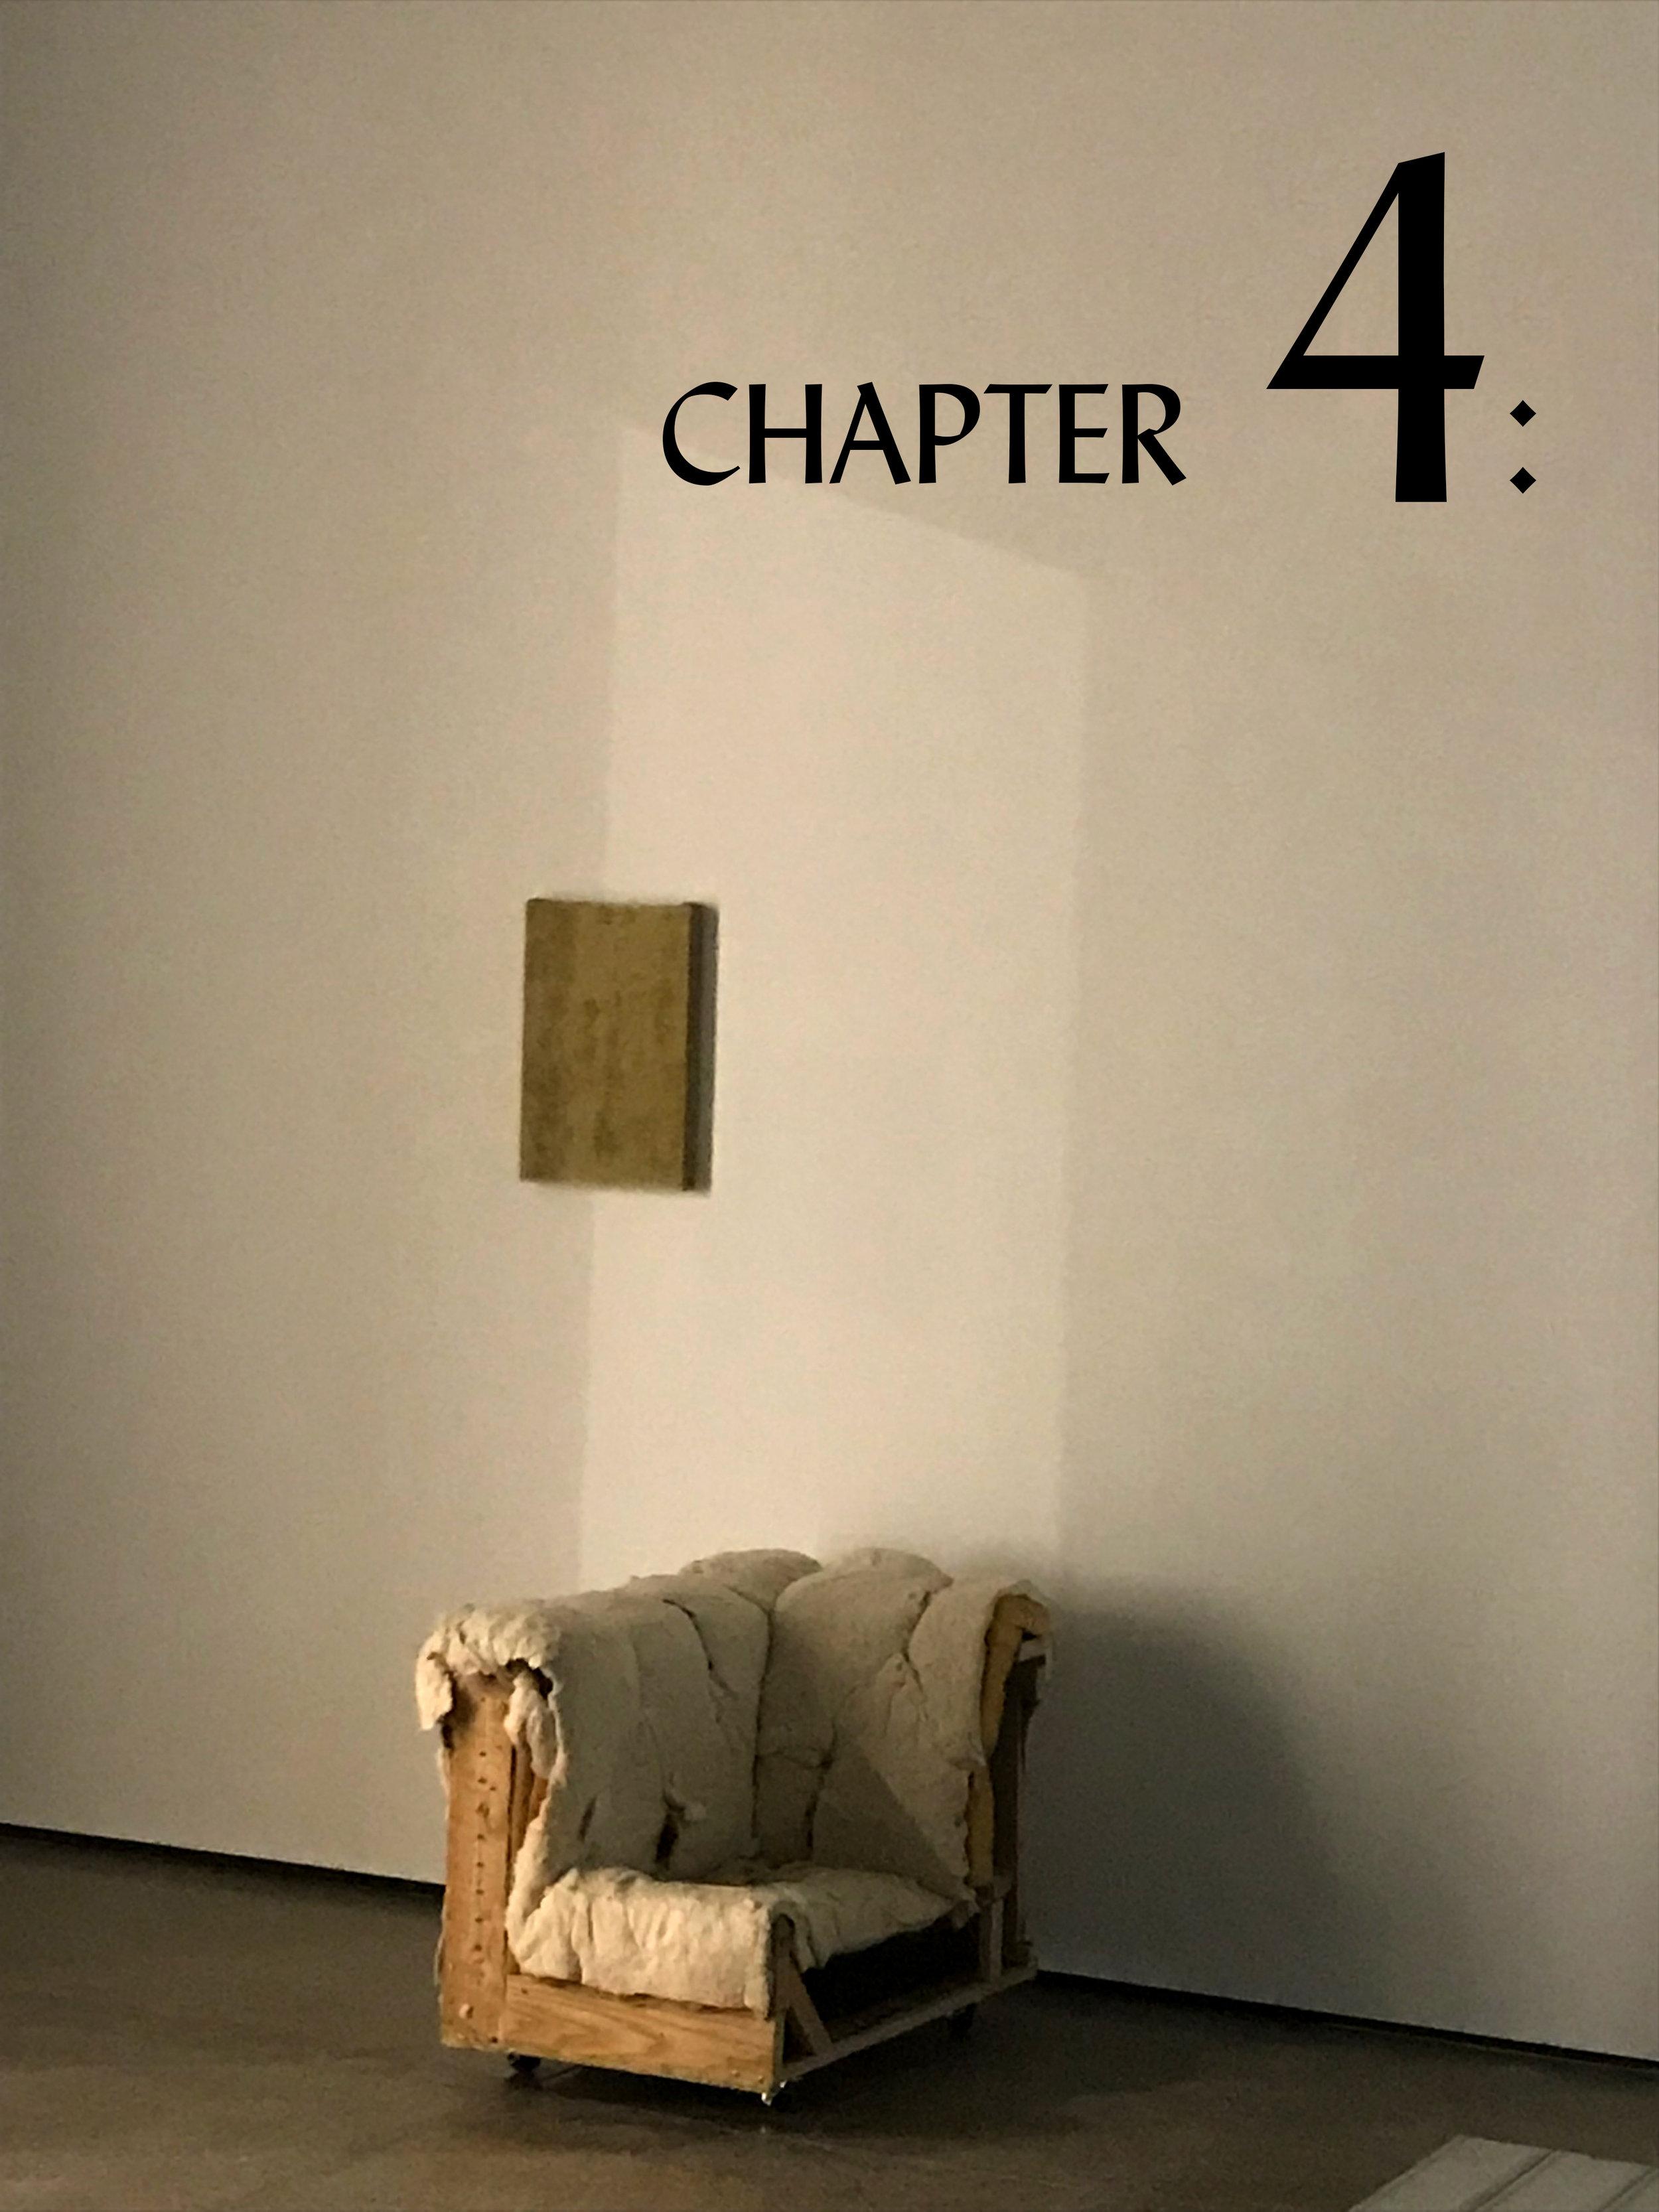 CHAPTER-4.jpg